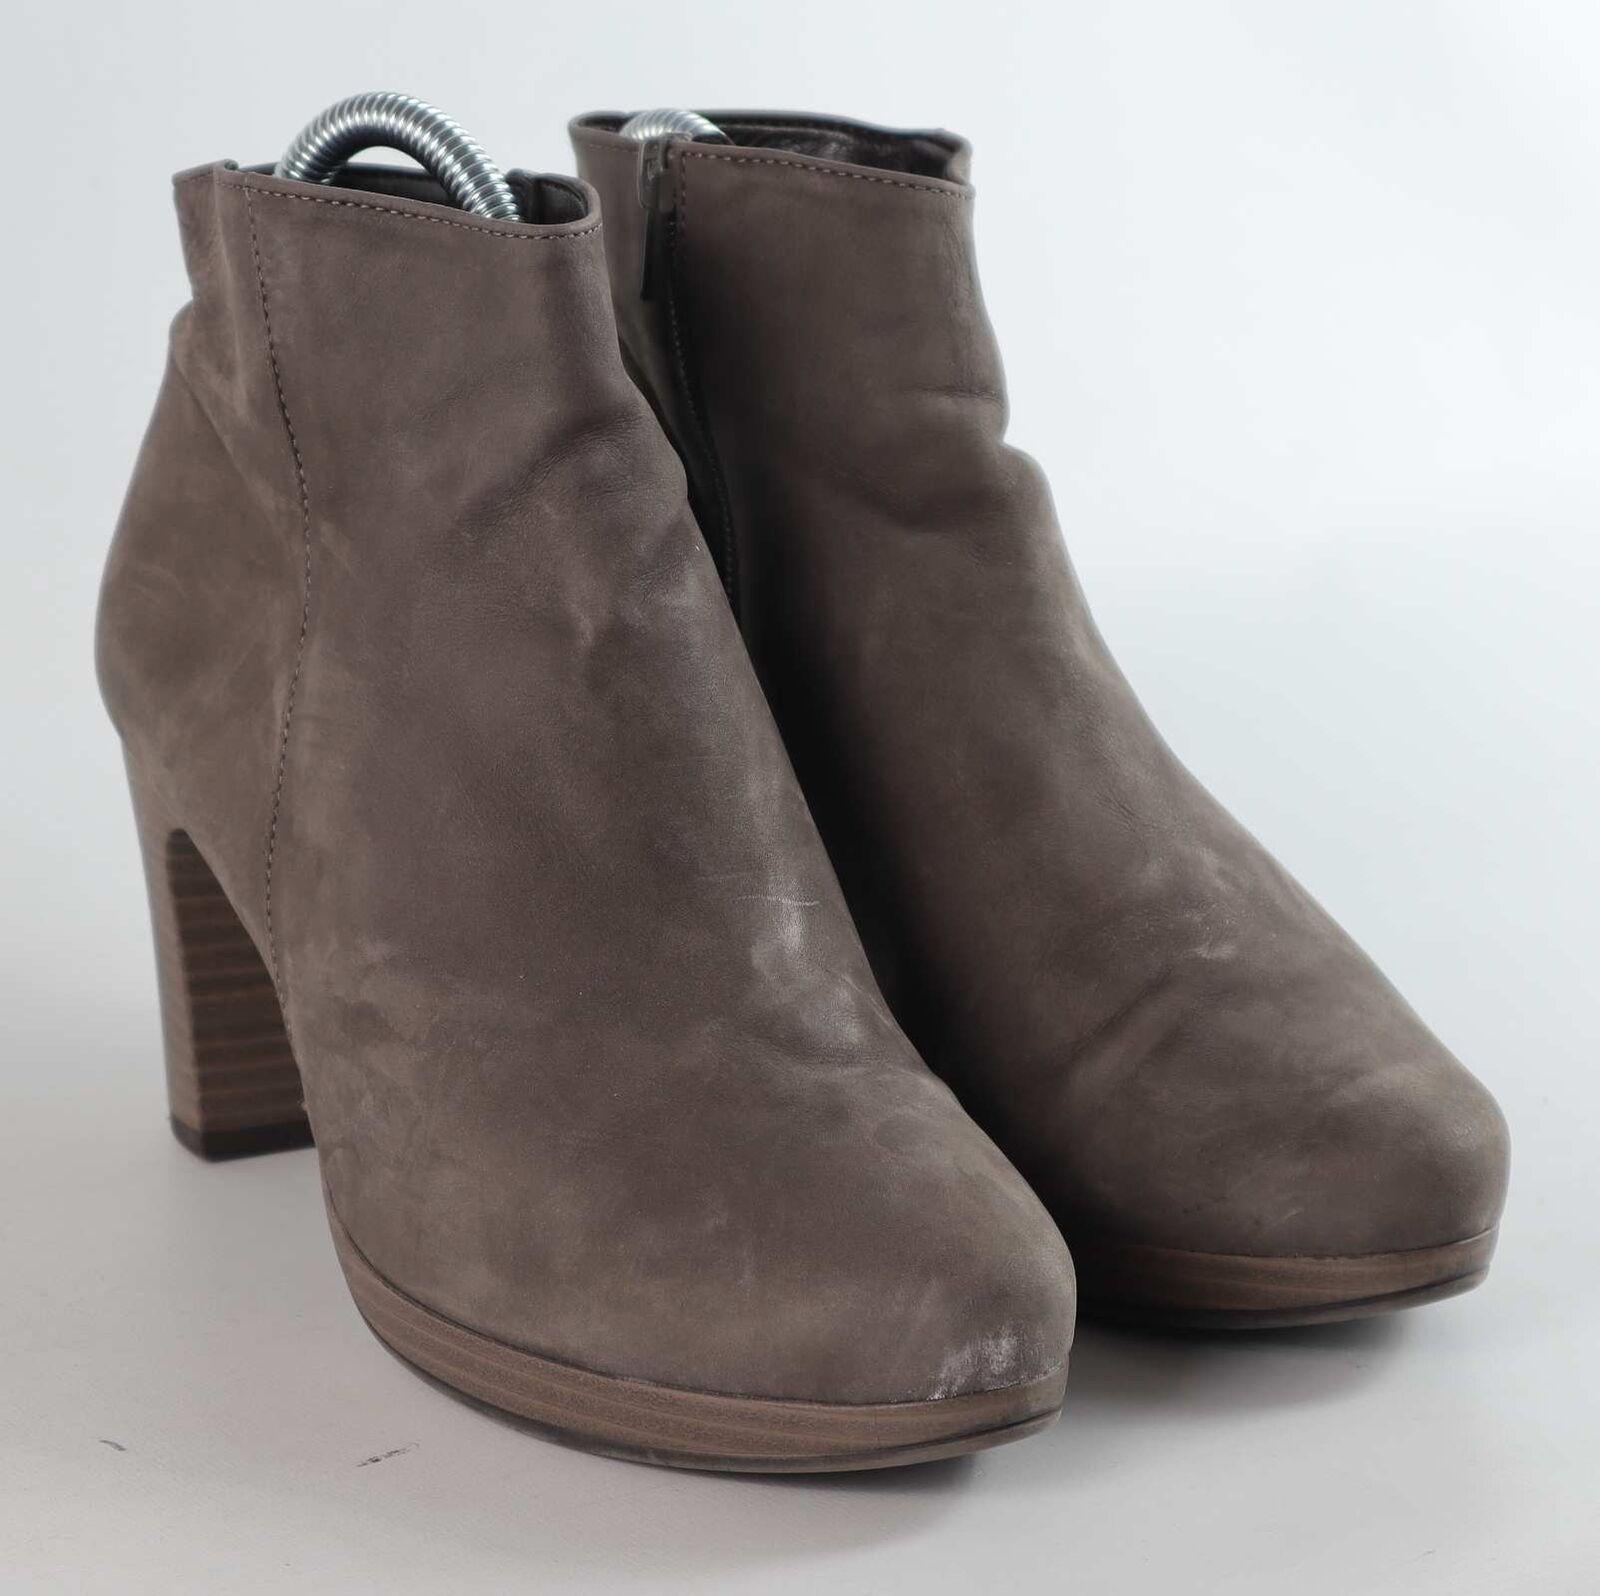 Gabor Gabor Gabor Mujer botas al Tobillo Uk Talla 5.5 gris  precioso